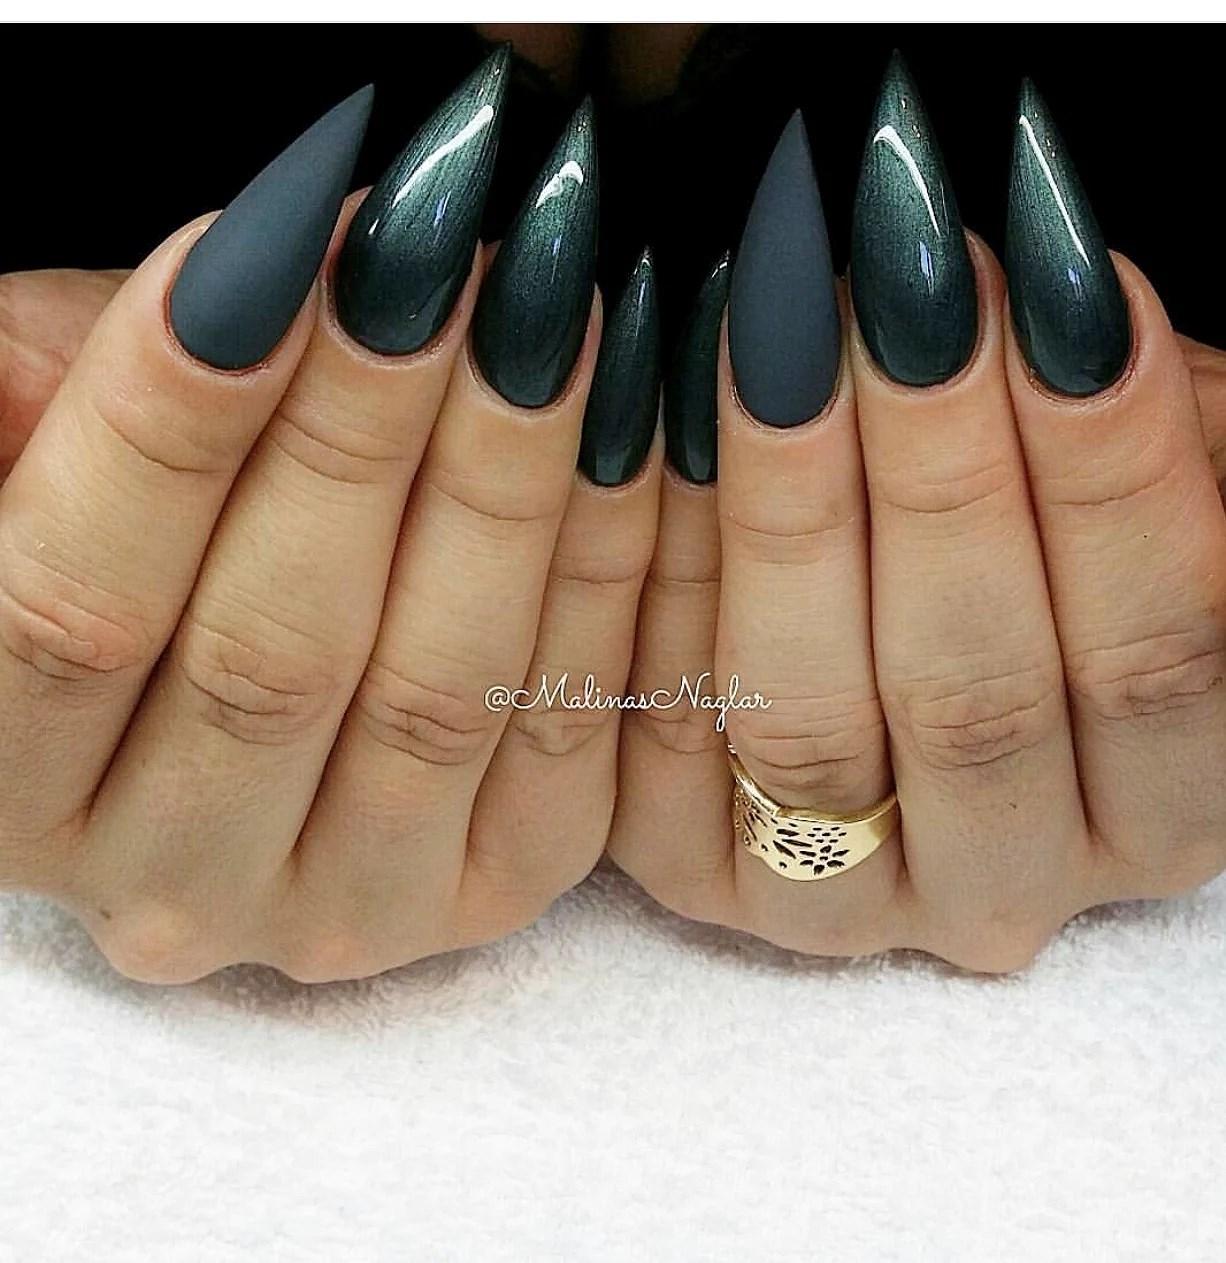 Vad blir de för nya naglar då ??